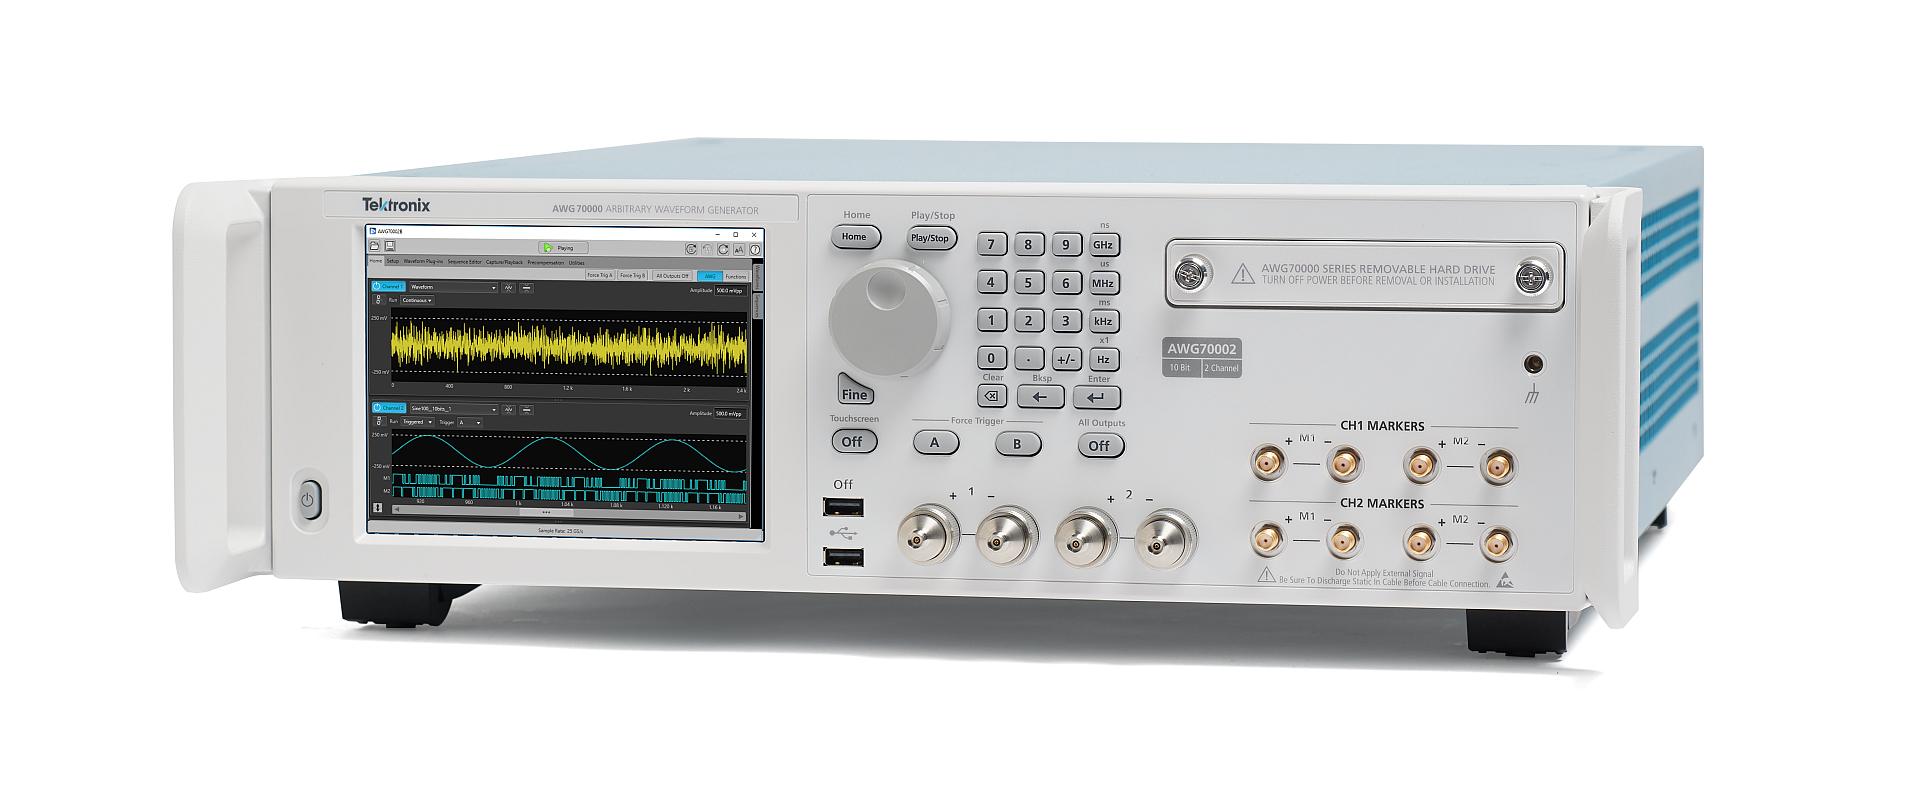 泰克推出AWG70000B,可以更准确地仿真现实世界信号